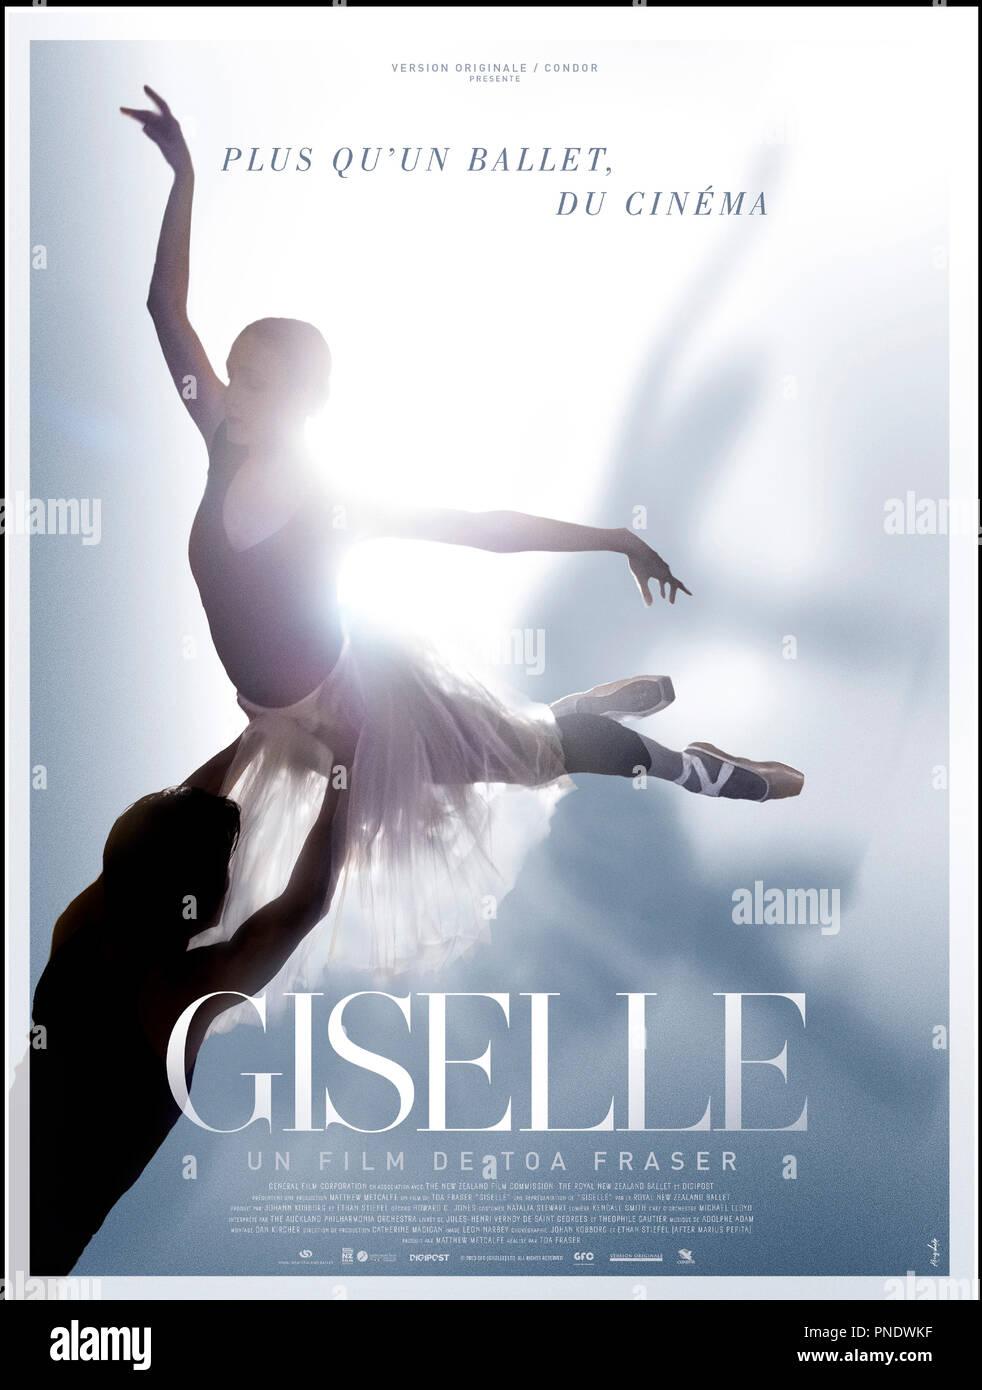 Prod DB © General Film Corporation / DR GISELLE de Toa Fraser 2014 NZ affiche française ballet, danse classique - Stock Image